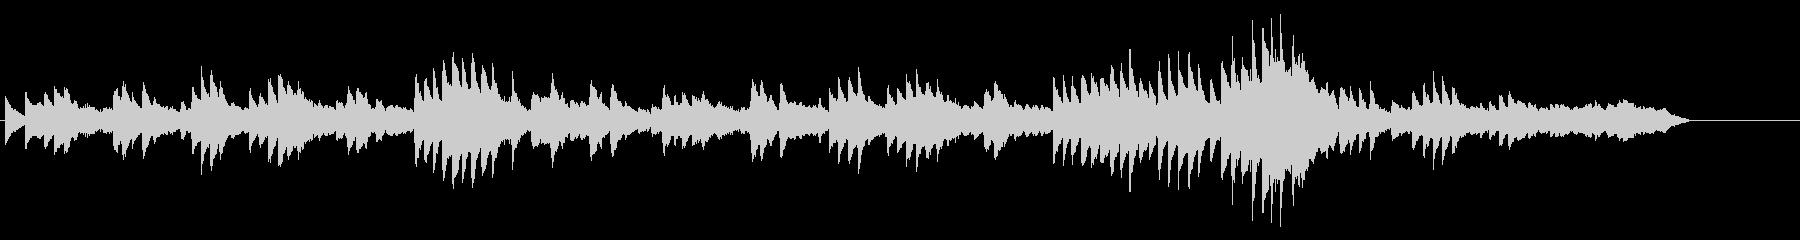 別れの曲ショパンピアノの未再生の波形